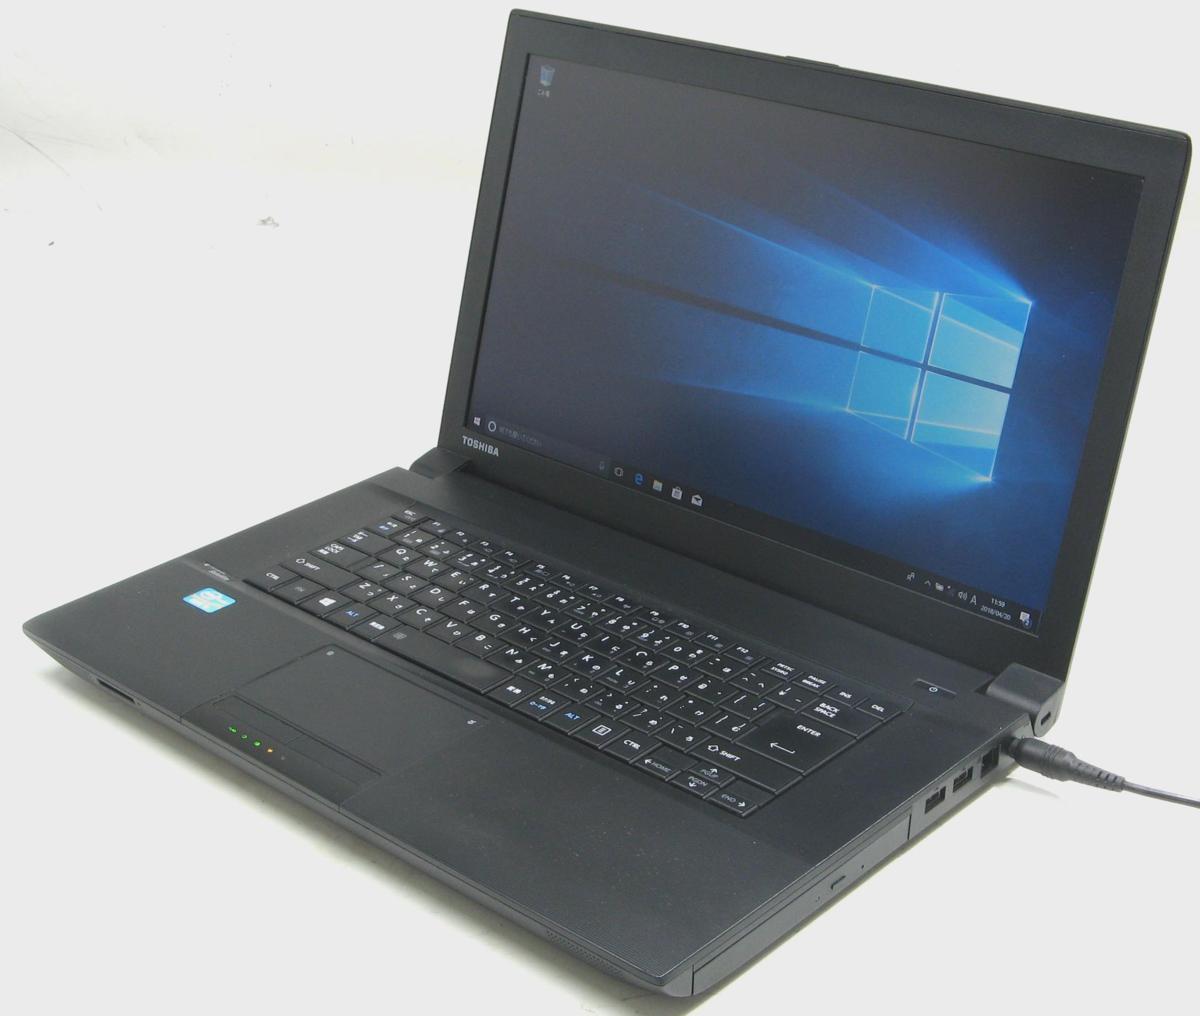 中古ノートパソコン 東芝 Satellite B553/J PB553JEA1R7AA71(東芝 Windows10 Corei5 DVDスーパーマルチドライブ)【中古】【中古パソコン/中古PC】